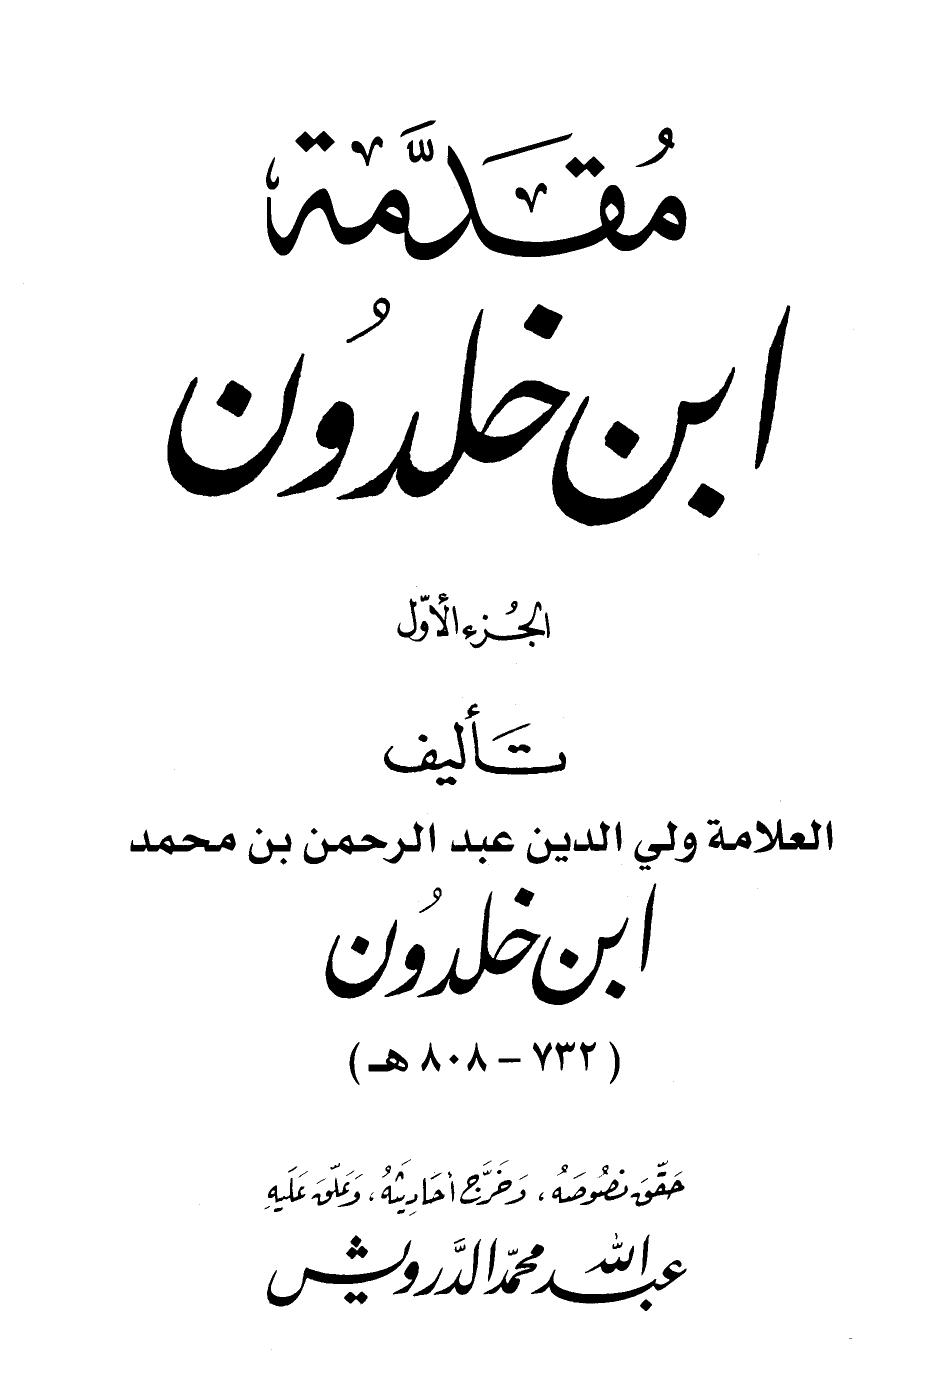 كتاب  مقدمة ابن خلدون (ت: الدرويش)..